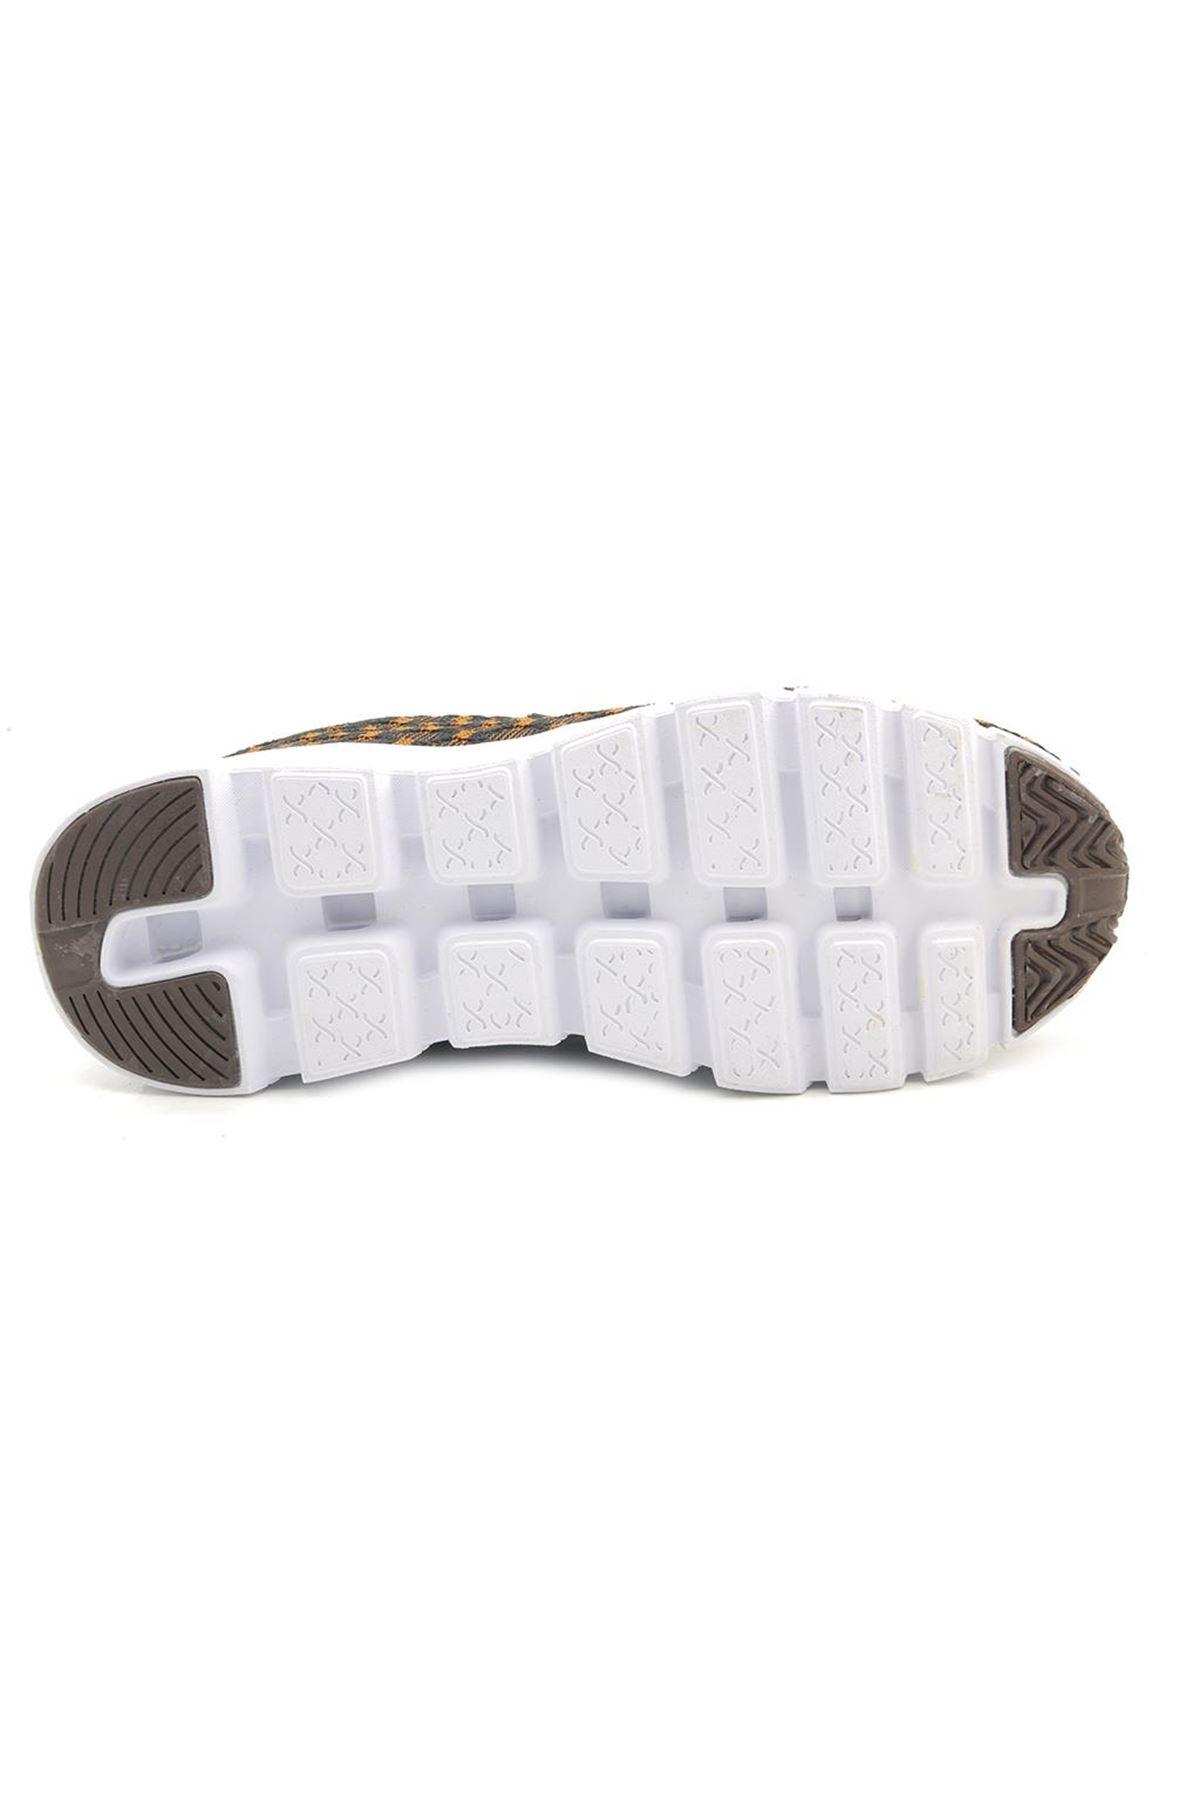 Bewild Yeni Sezon Erkek Spor Ayakkabı